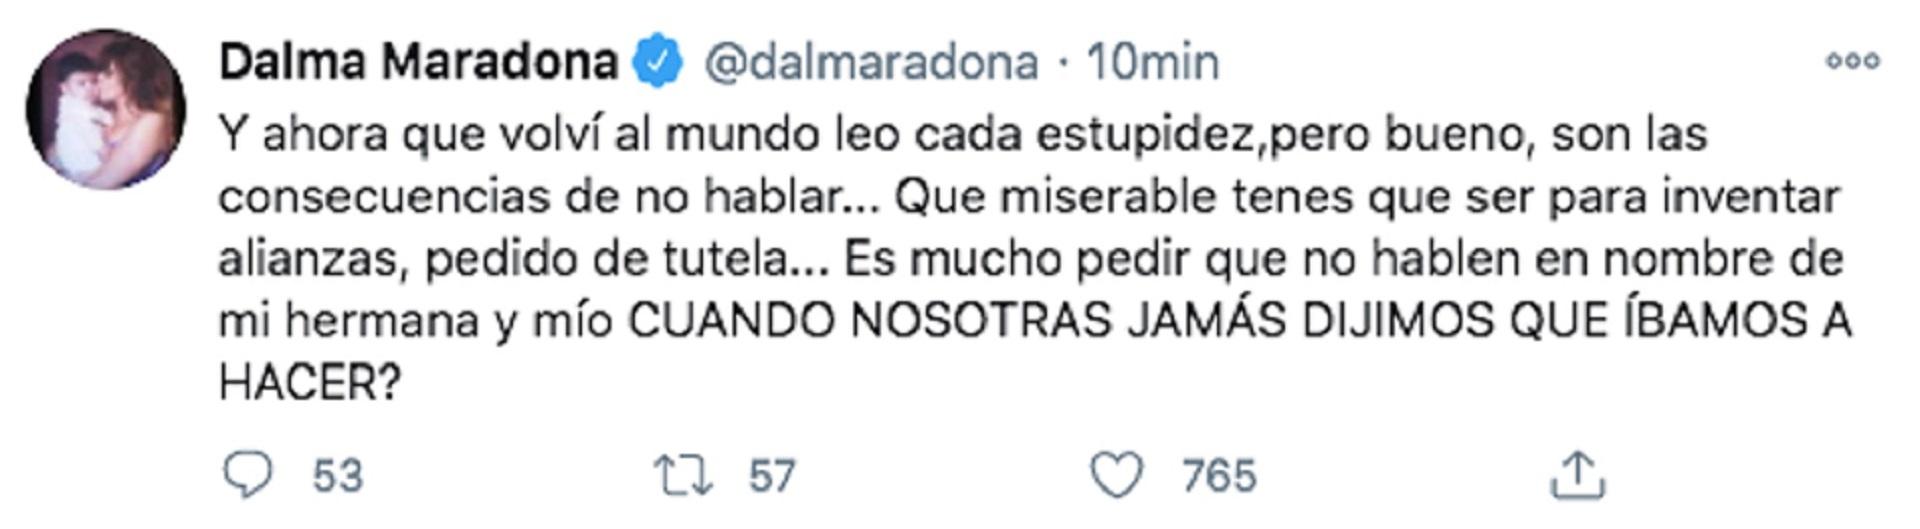 La publicación de Dalma Maradona